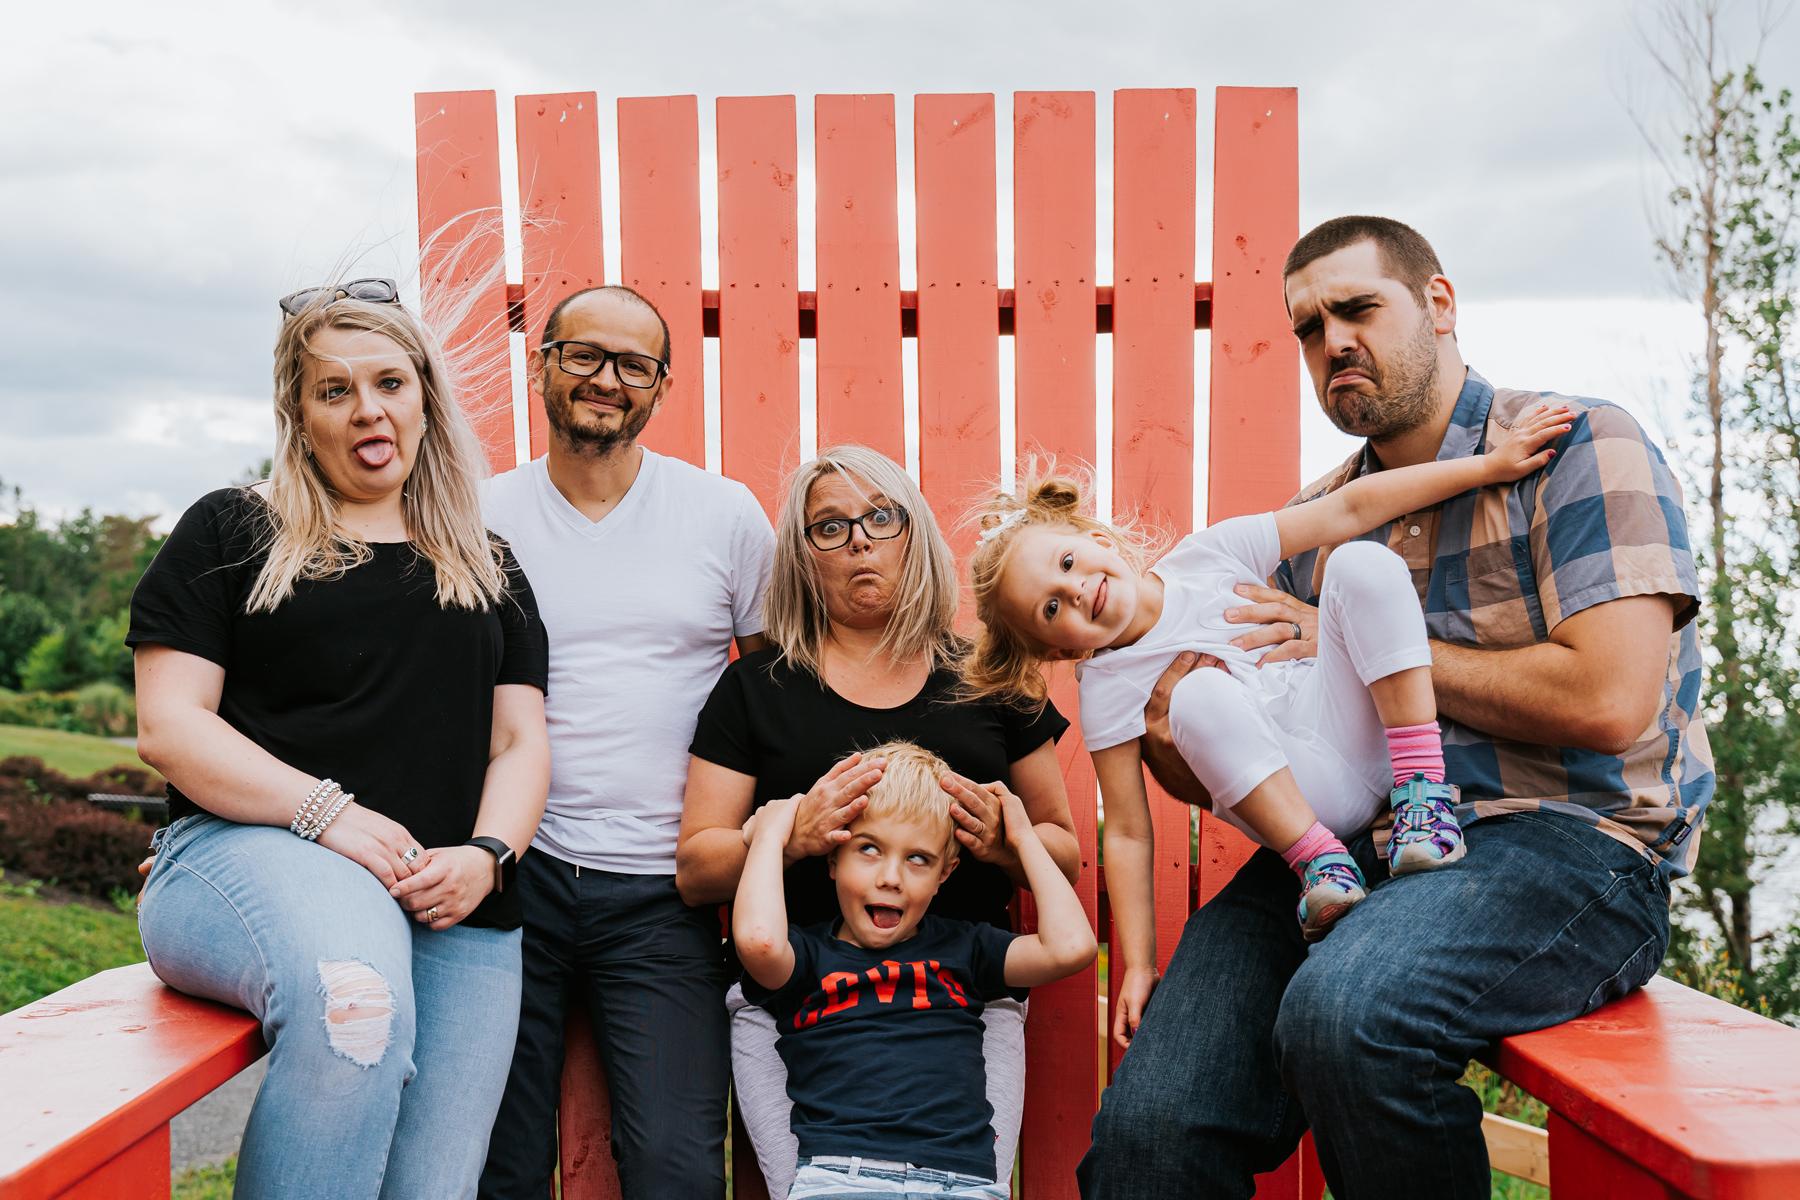 028-fredericton-family-portraits-kandisebrown-aj2020